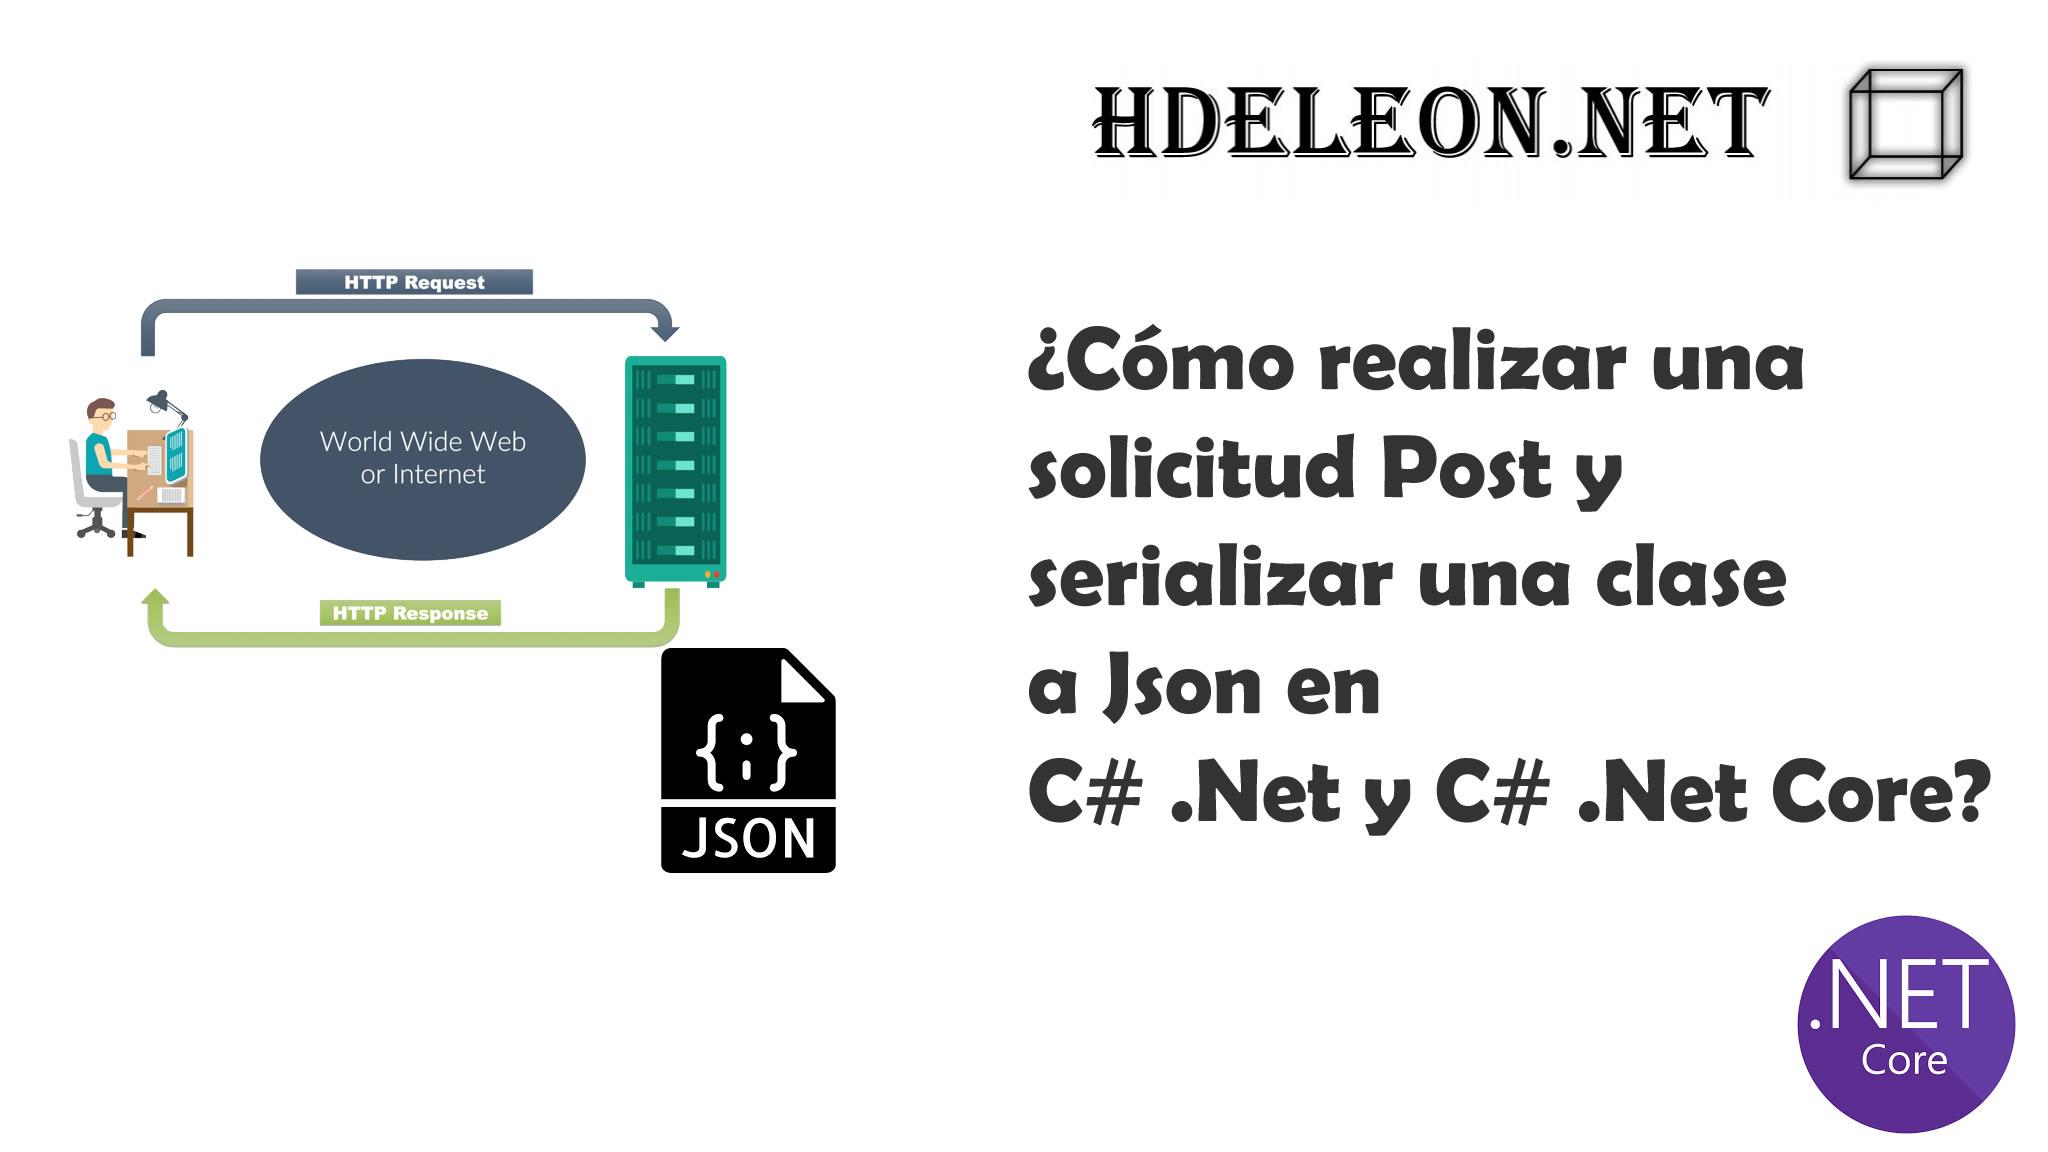 ¿Cómo realizar una solicitud Post y serializar una clase a Json en C# .Net y C# .Net Core?